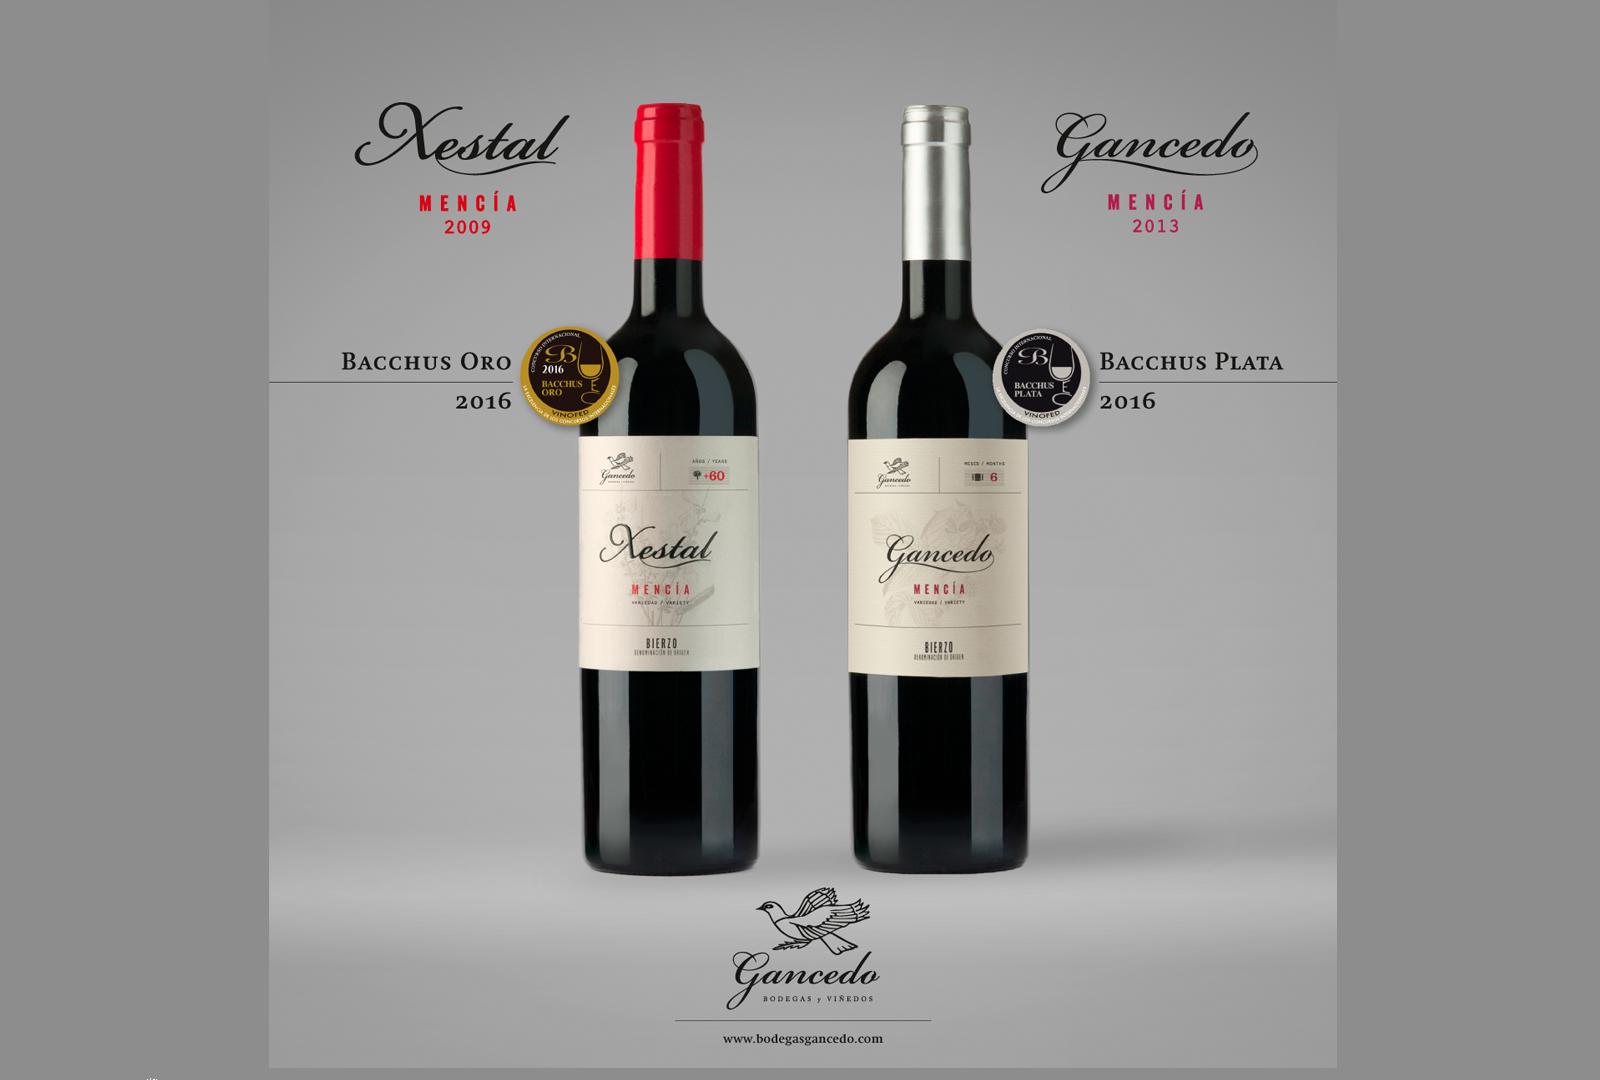 Bodegas y Viñedos Gancedo premiado en los Bacchus 2016.